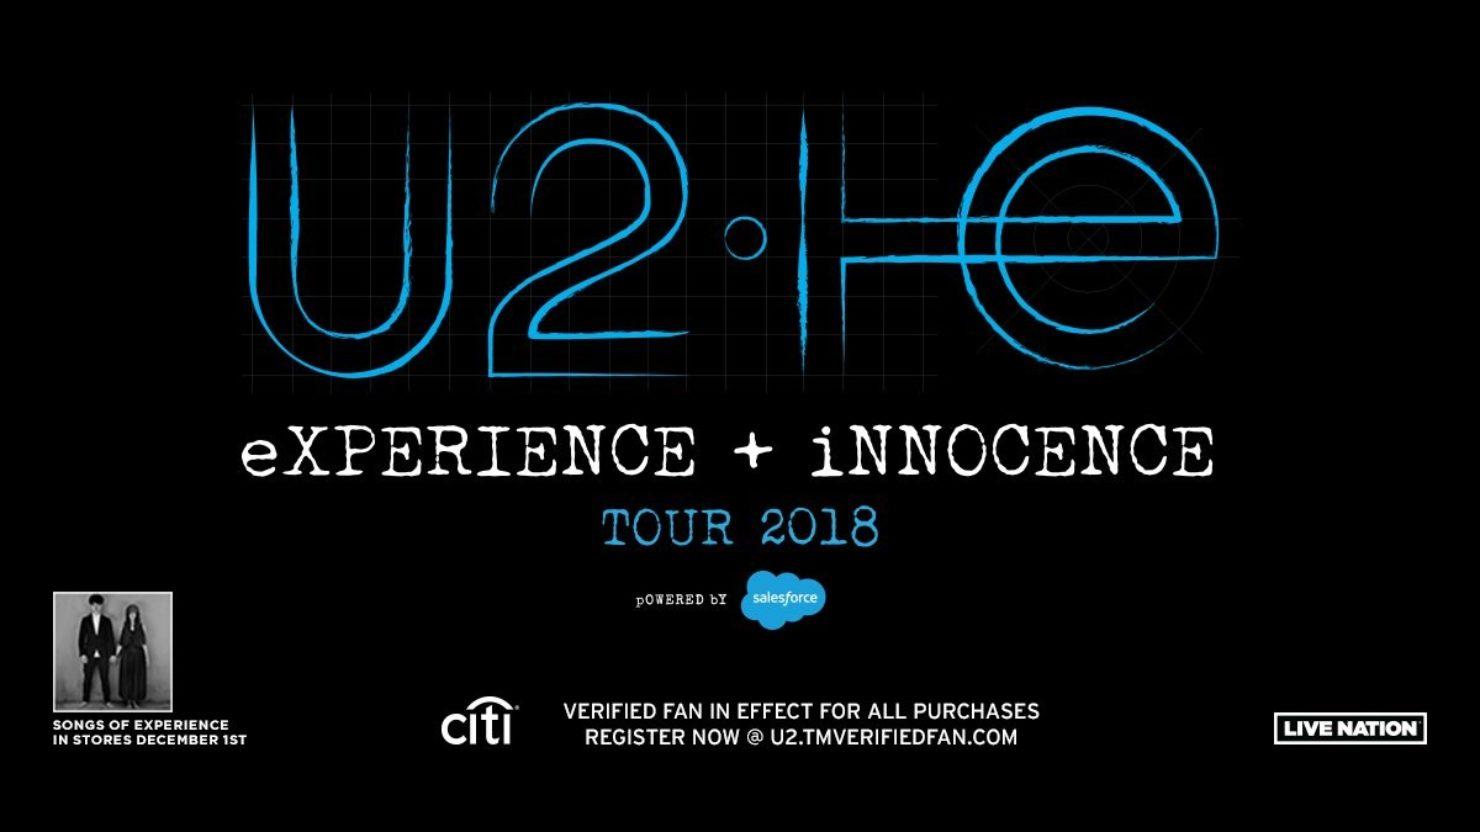 U2 Announces 2018 North American Tour Dates New Album